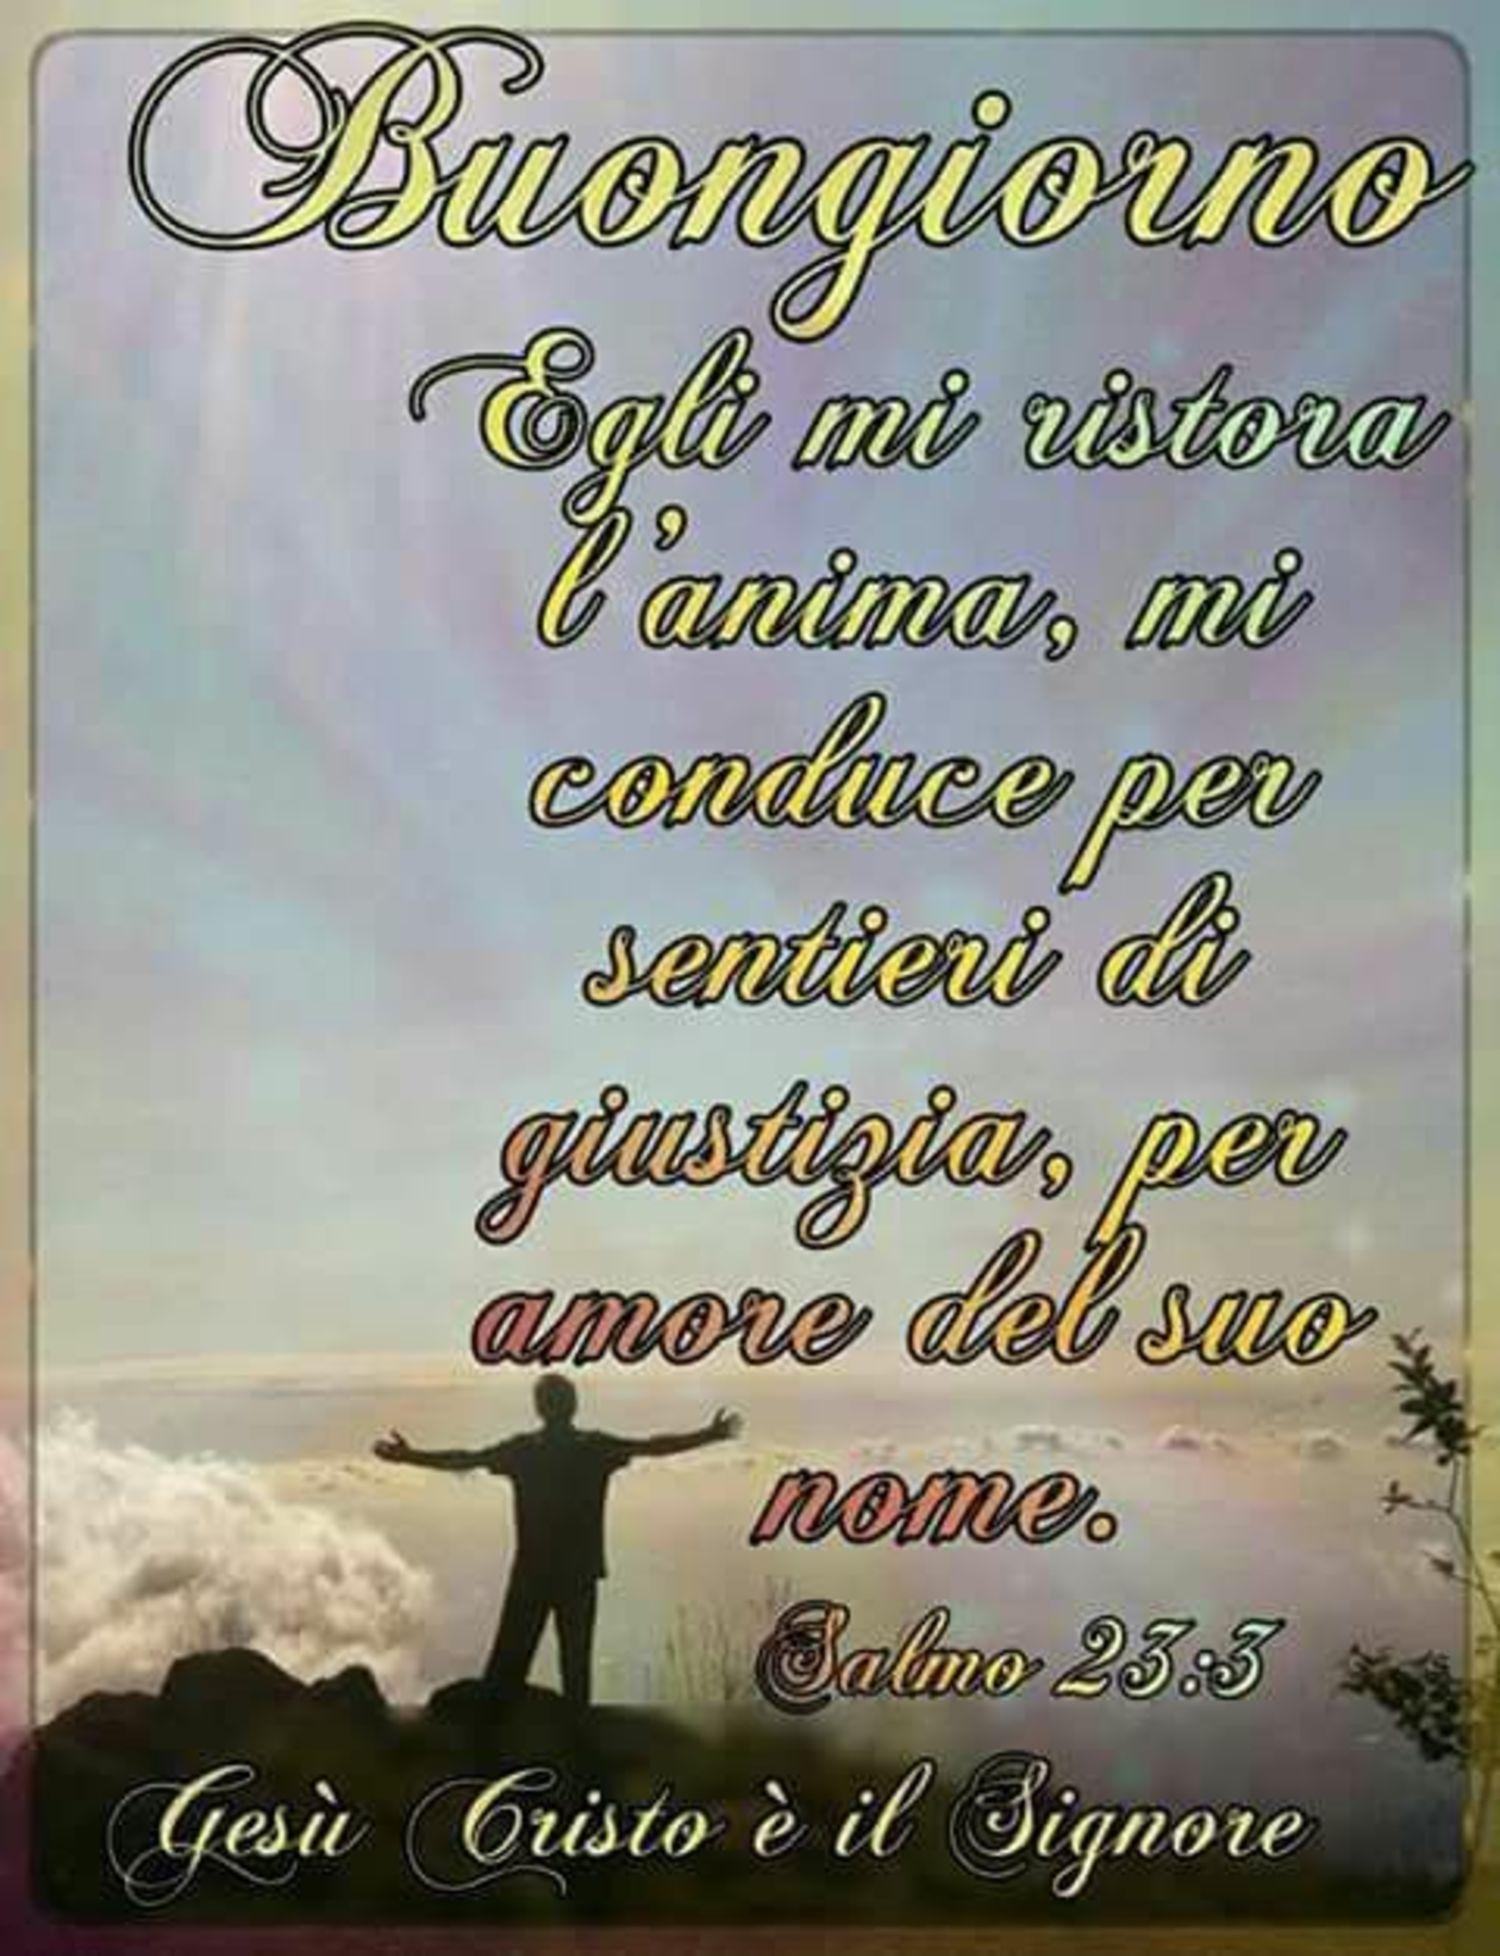 Buongiorno Religioso Pinterest 3485 Buongiornocongesu It